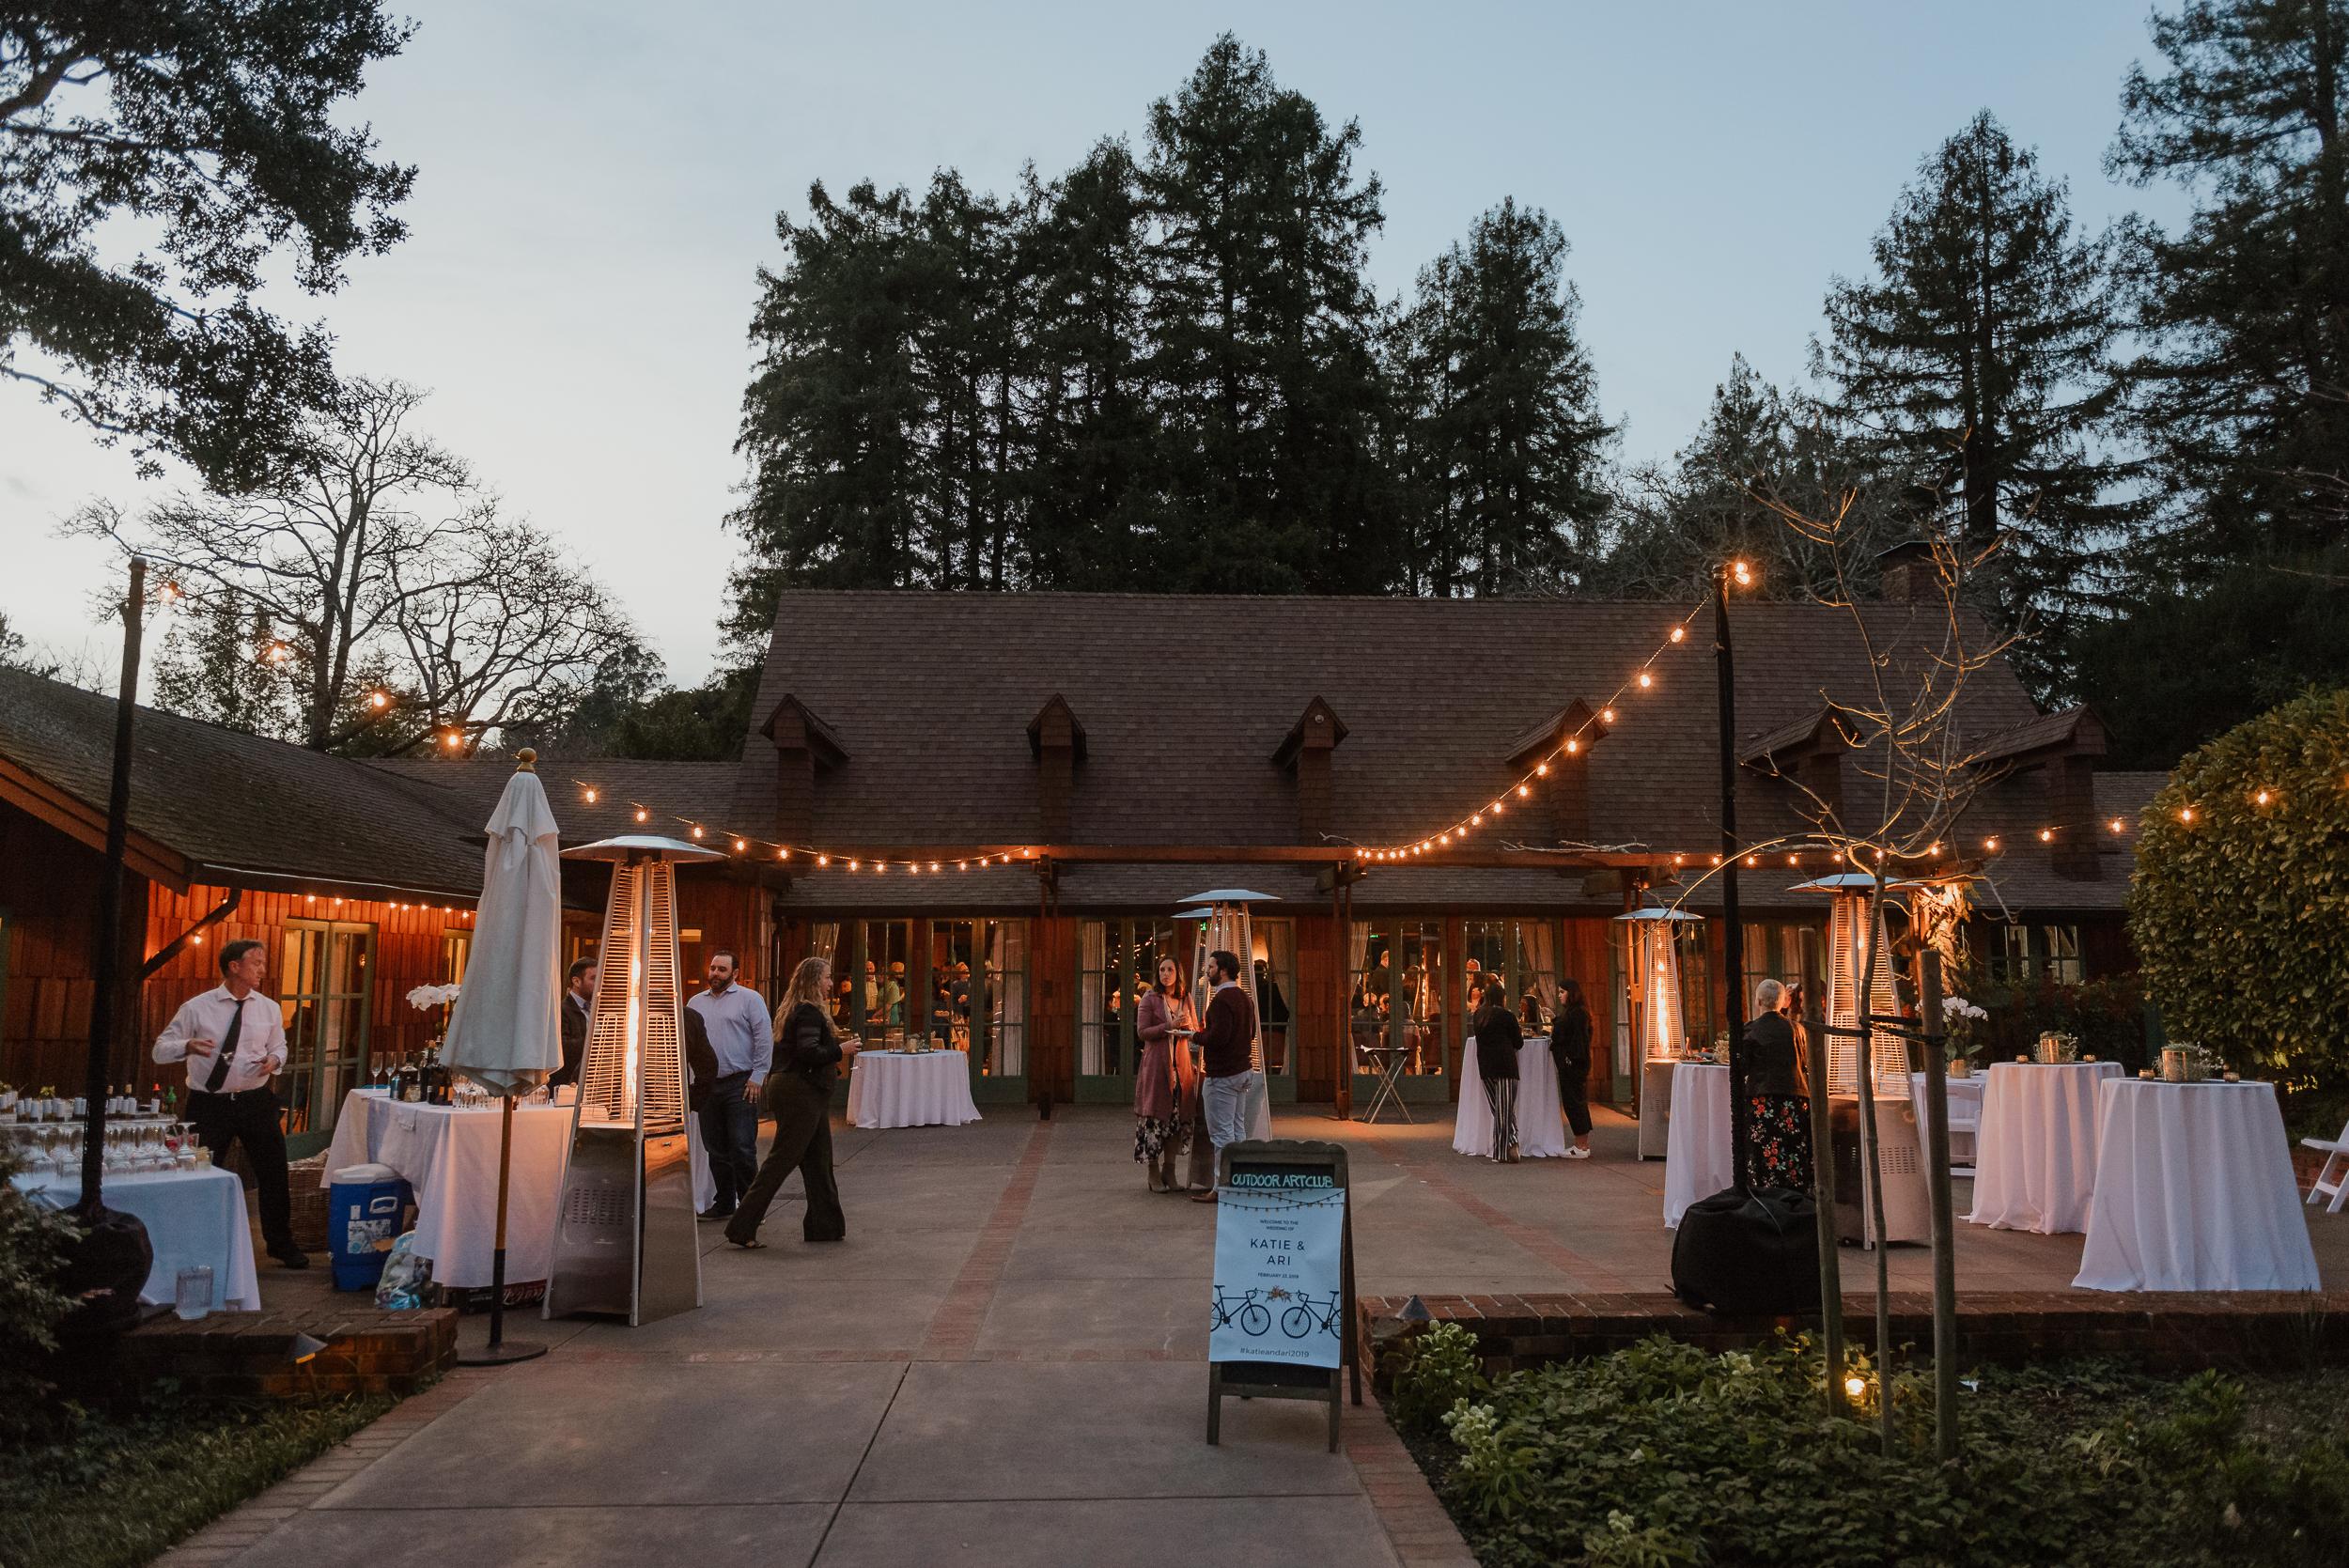 069winter-mill-valley-wedding-outdoor-art-club-wedding-vivianchen-420.jpg